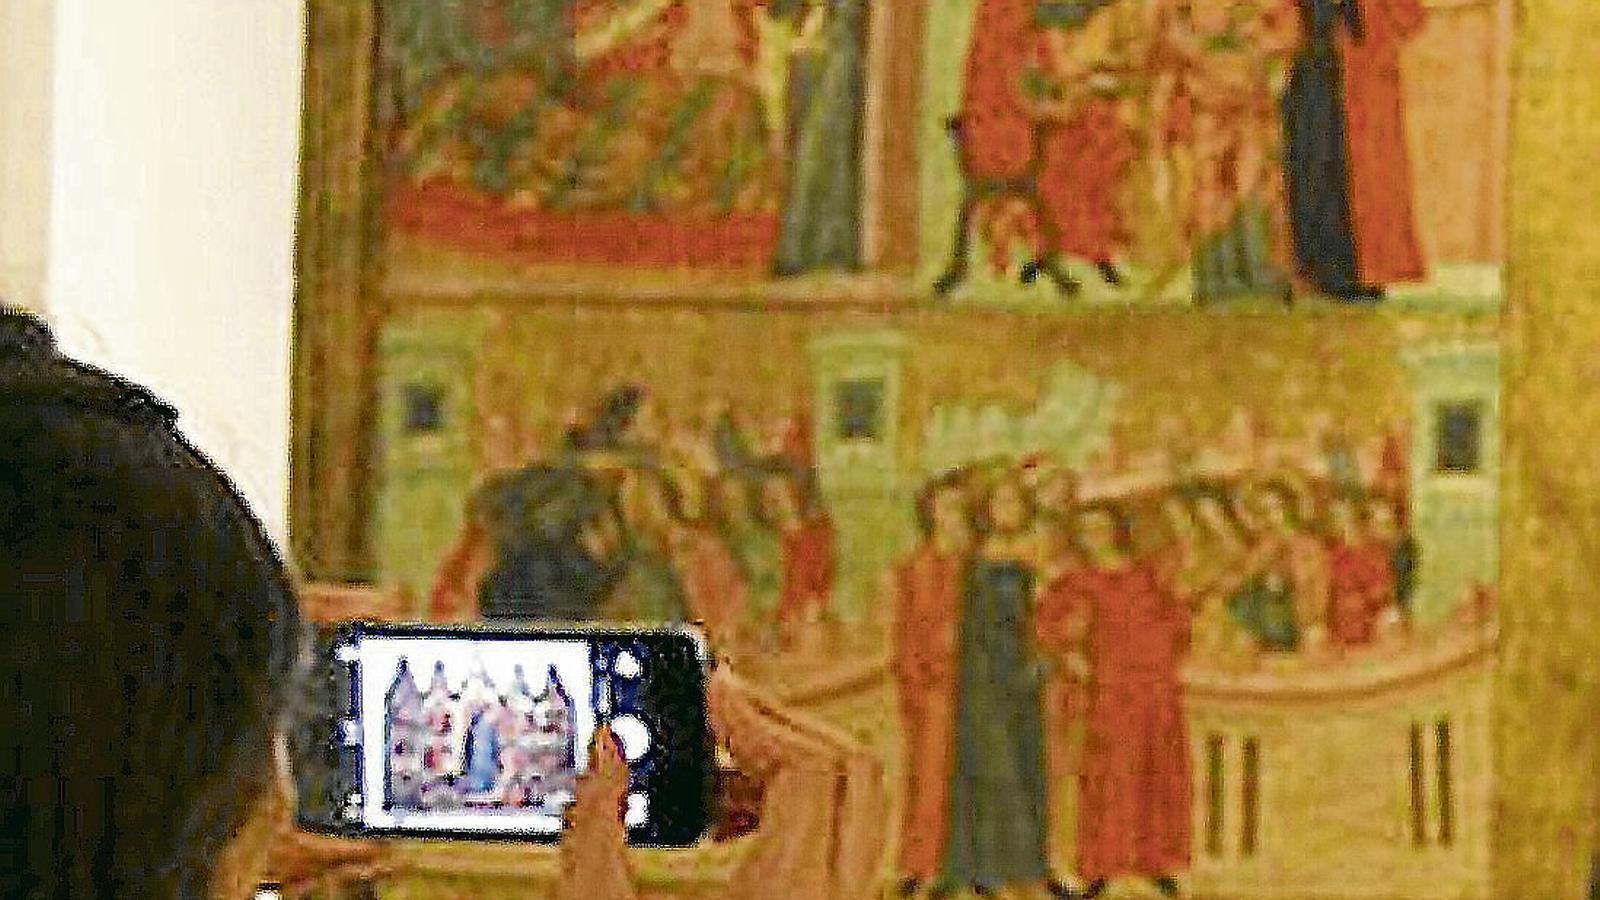 MUSEU DE MALLORCA  La Conselleria de Cultura ha evitat obrir un debat sobre les necessitats del Museu de Mallorca. N'ha nomenat directora l'única que s'hi va presentar.